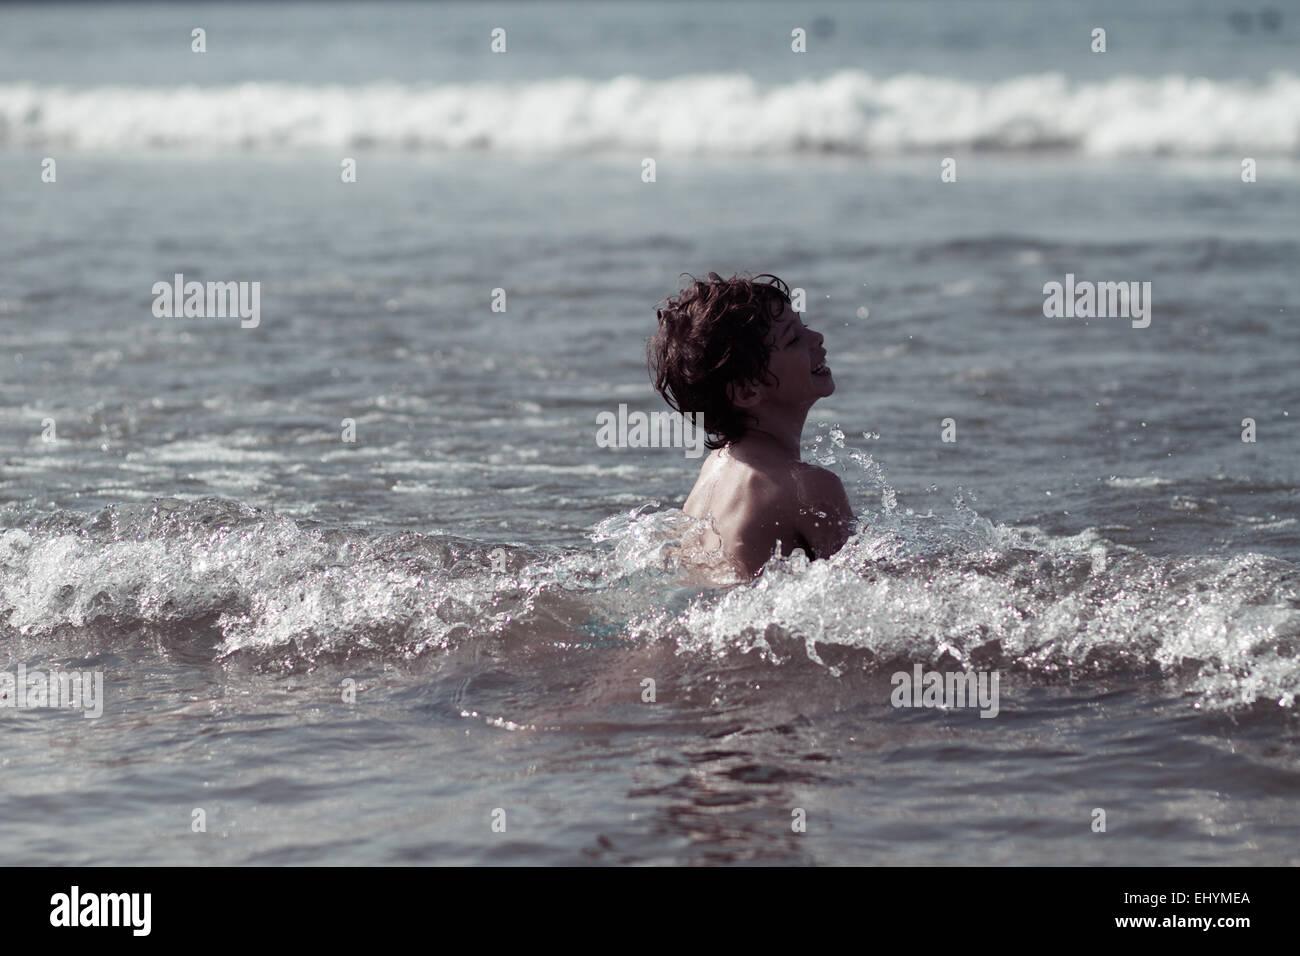 Ragazzo giocando nel surf, Brasile Immagini Stock